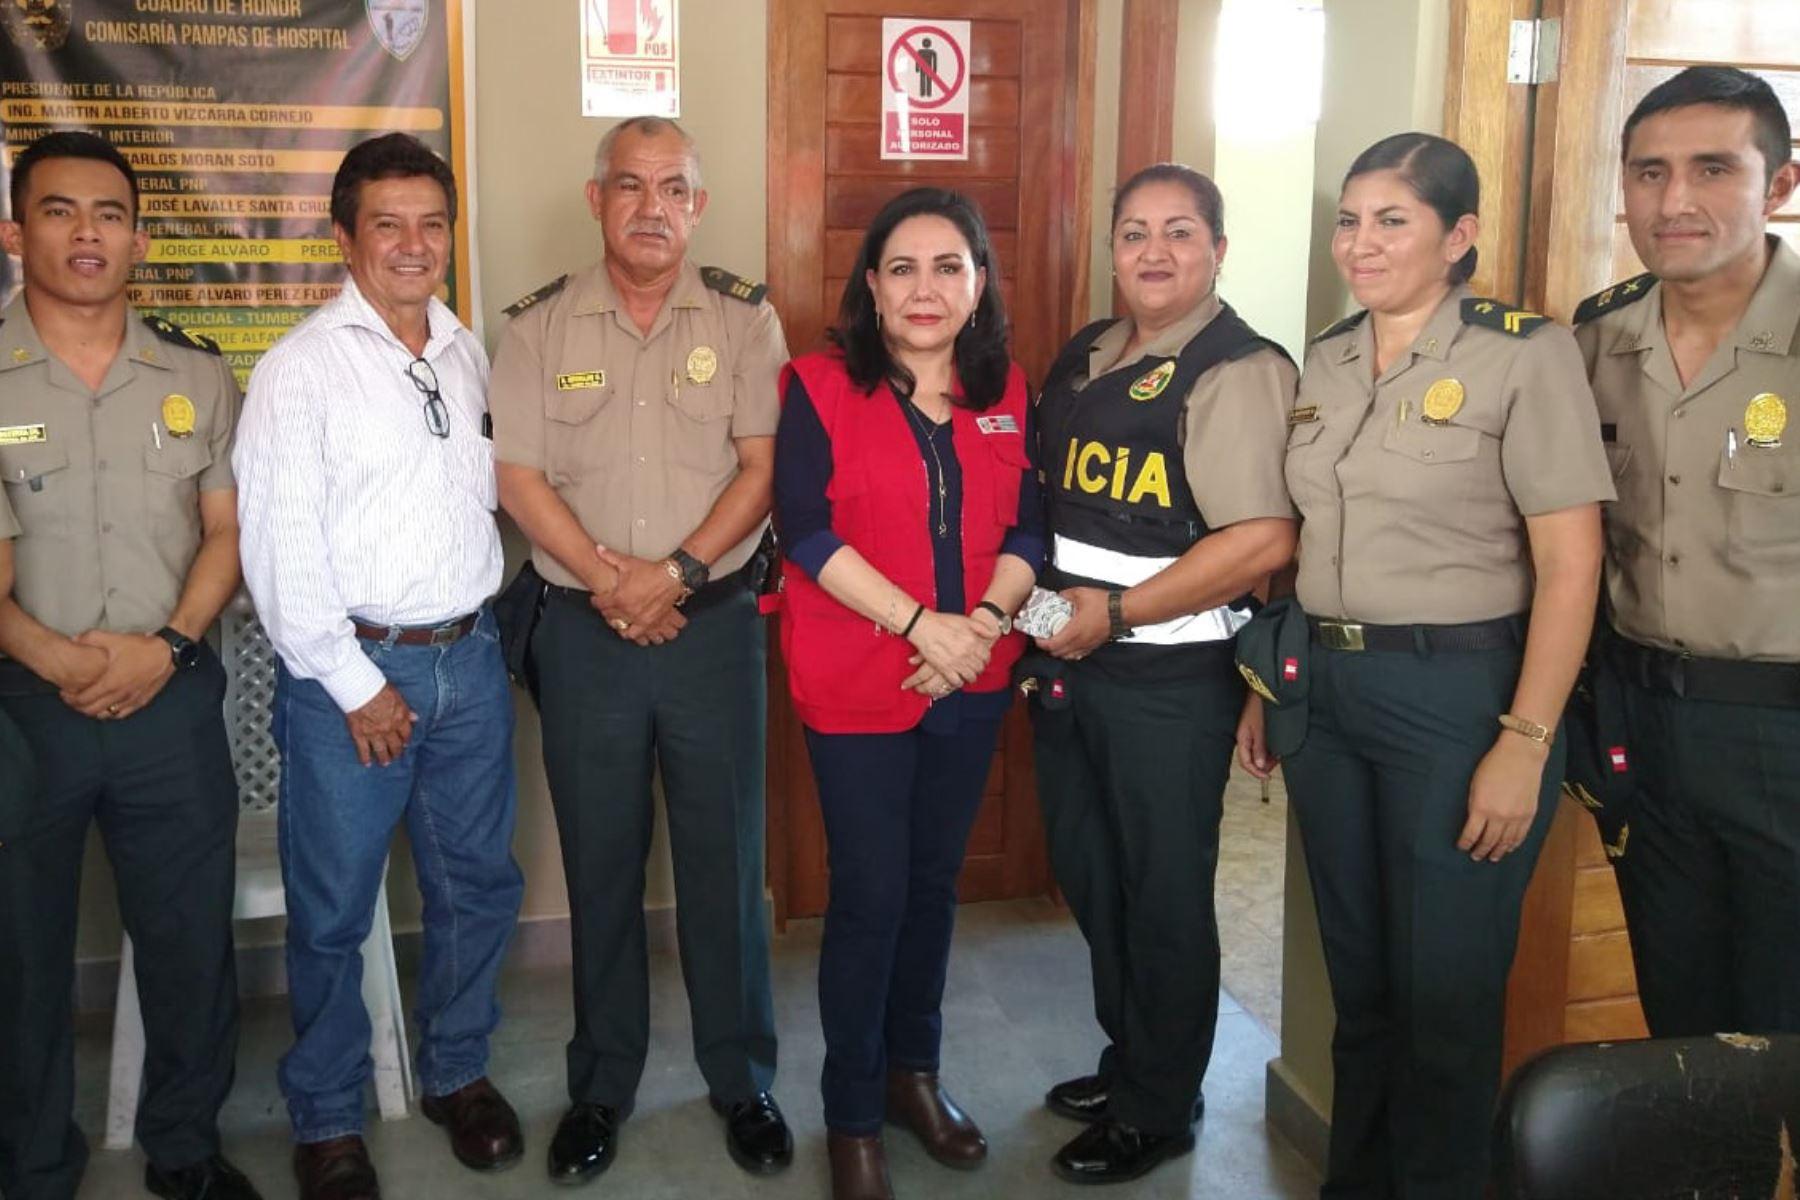 La ministra de la Mujer y Poblaciones Vulnerables, Gloria Montenegro Figueroa, inauguró un nuevo CEM en la Comisaría PNP Pampas de Hospital en la región Tumbes, en la cual las/os especialistas atenderán las 24 horas del día y los siete días de la semana.